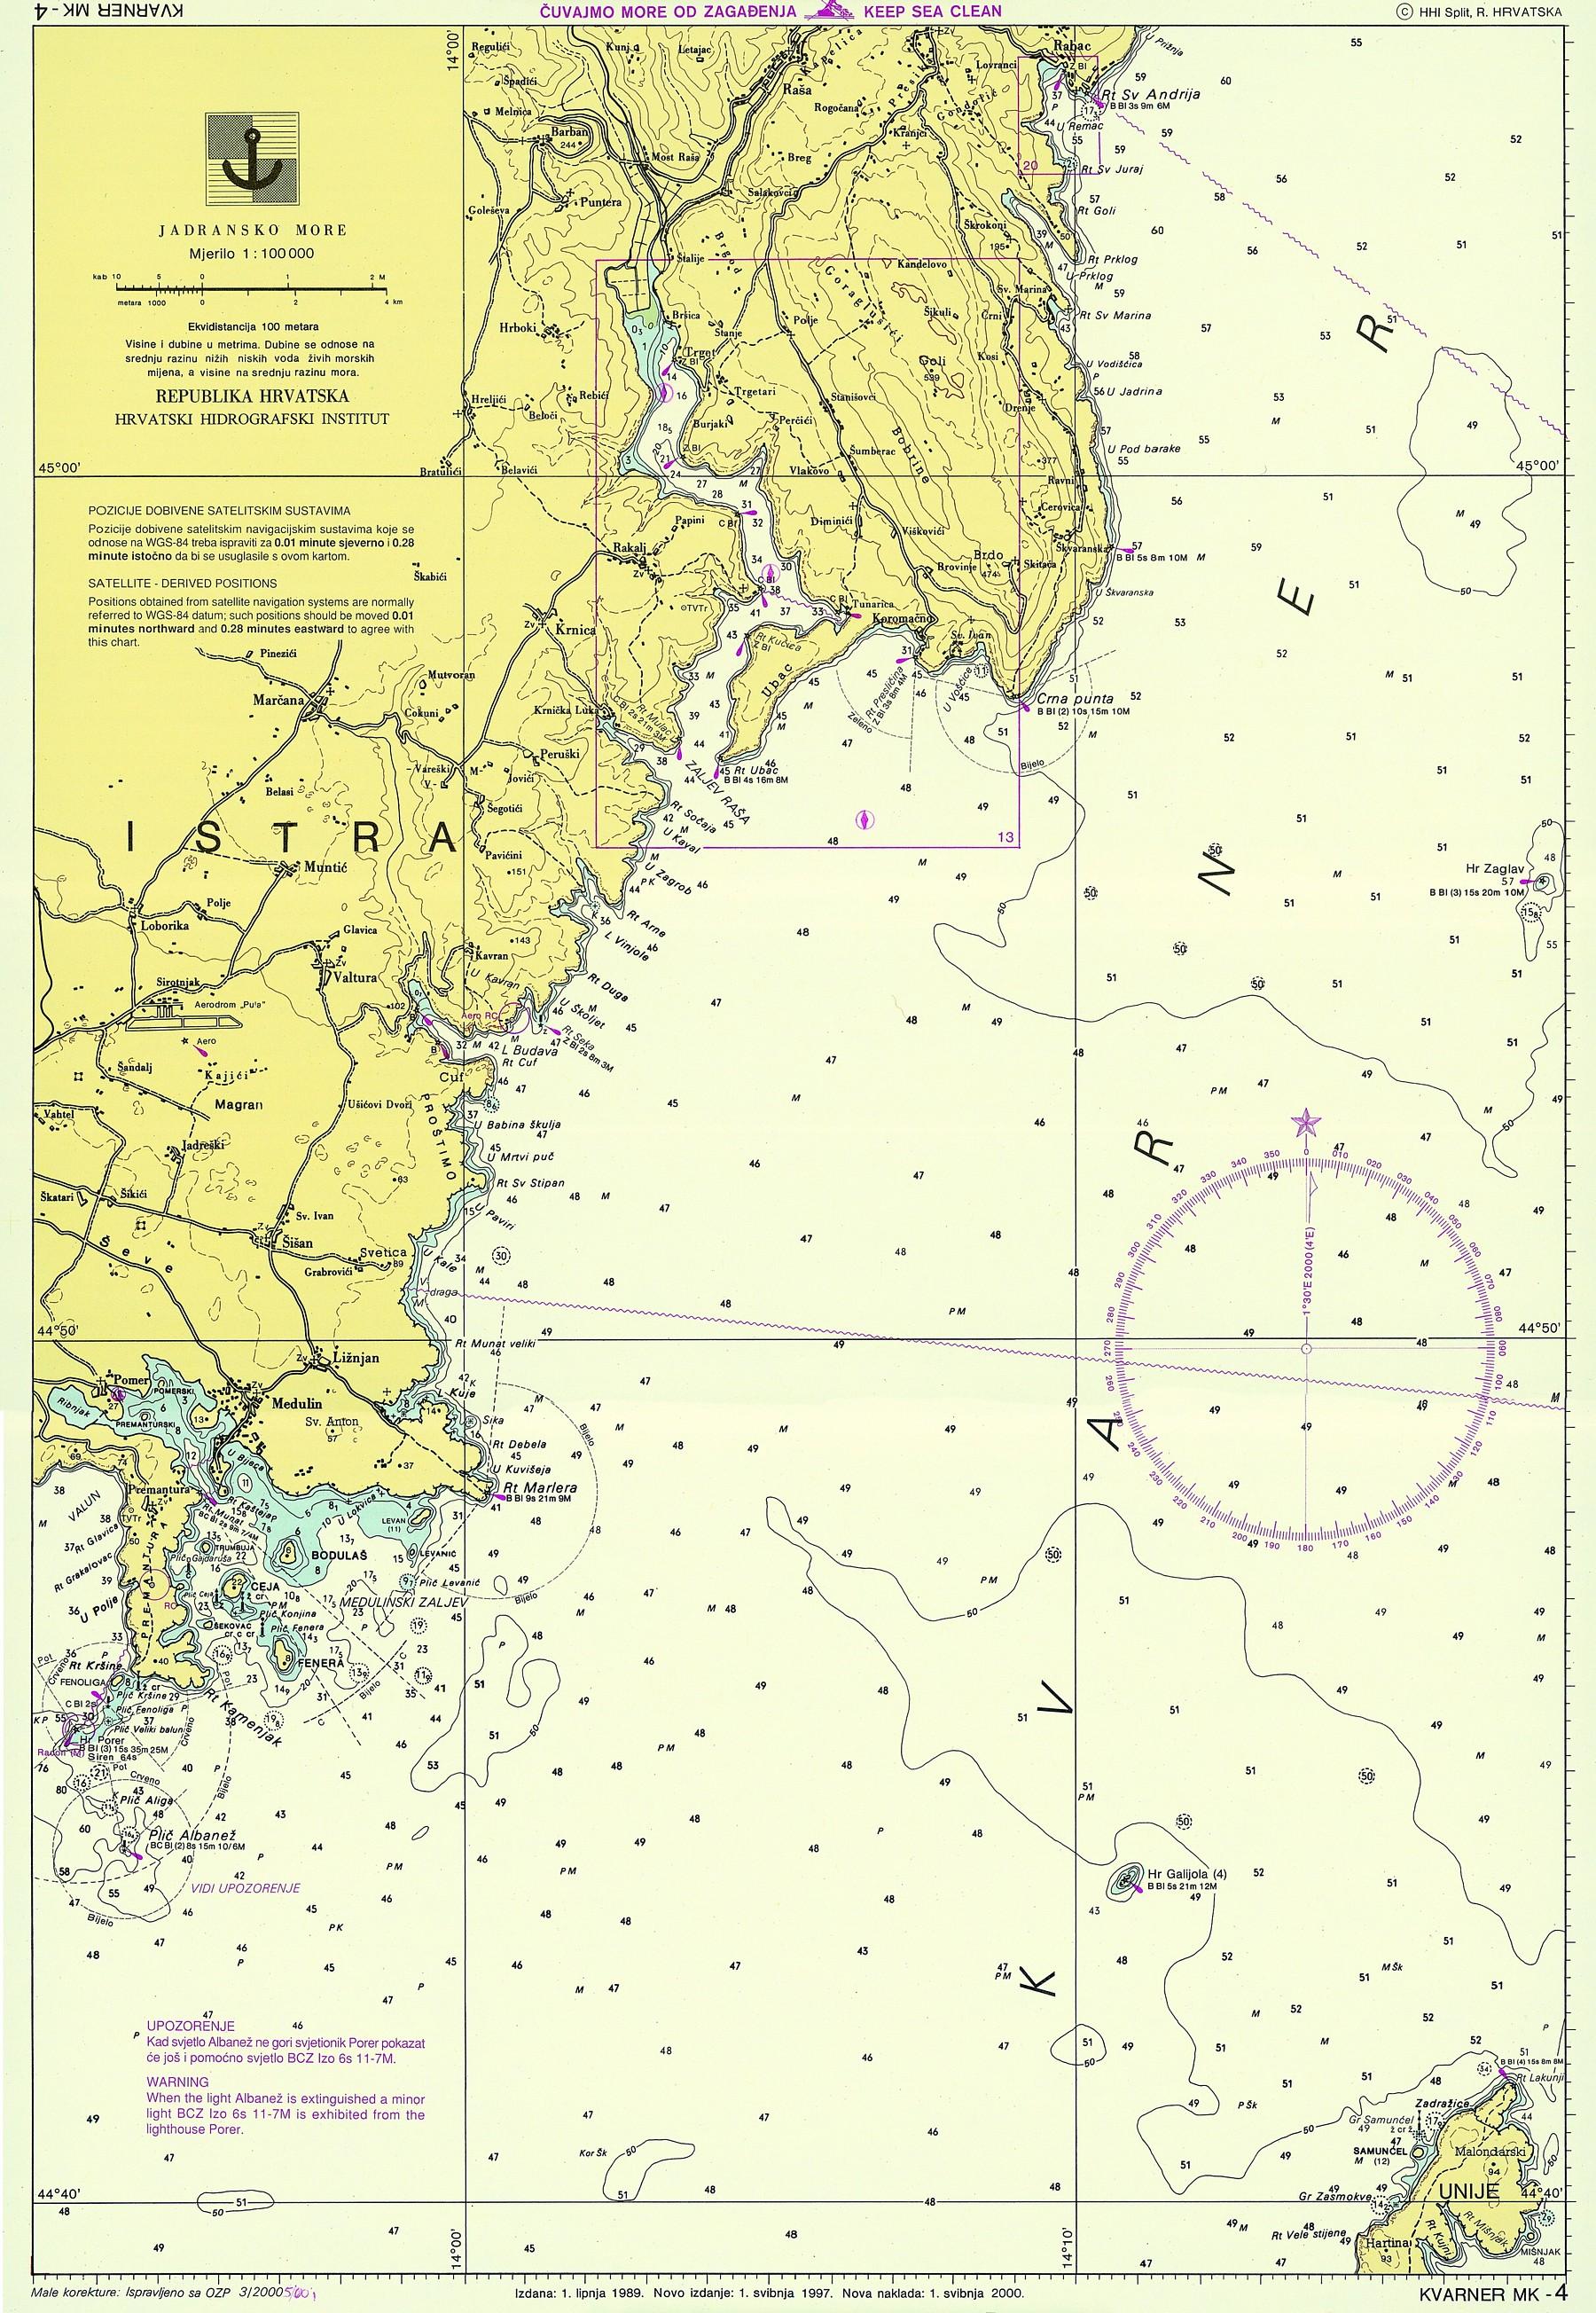 Mapa at athens - 5 3